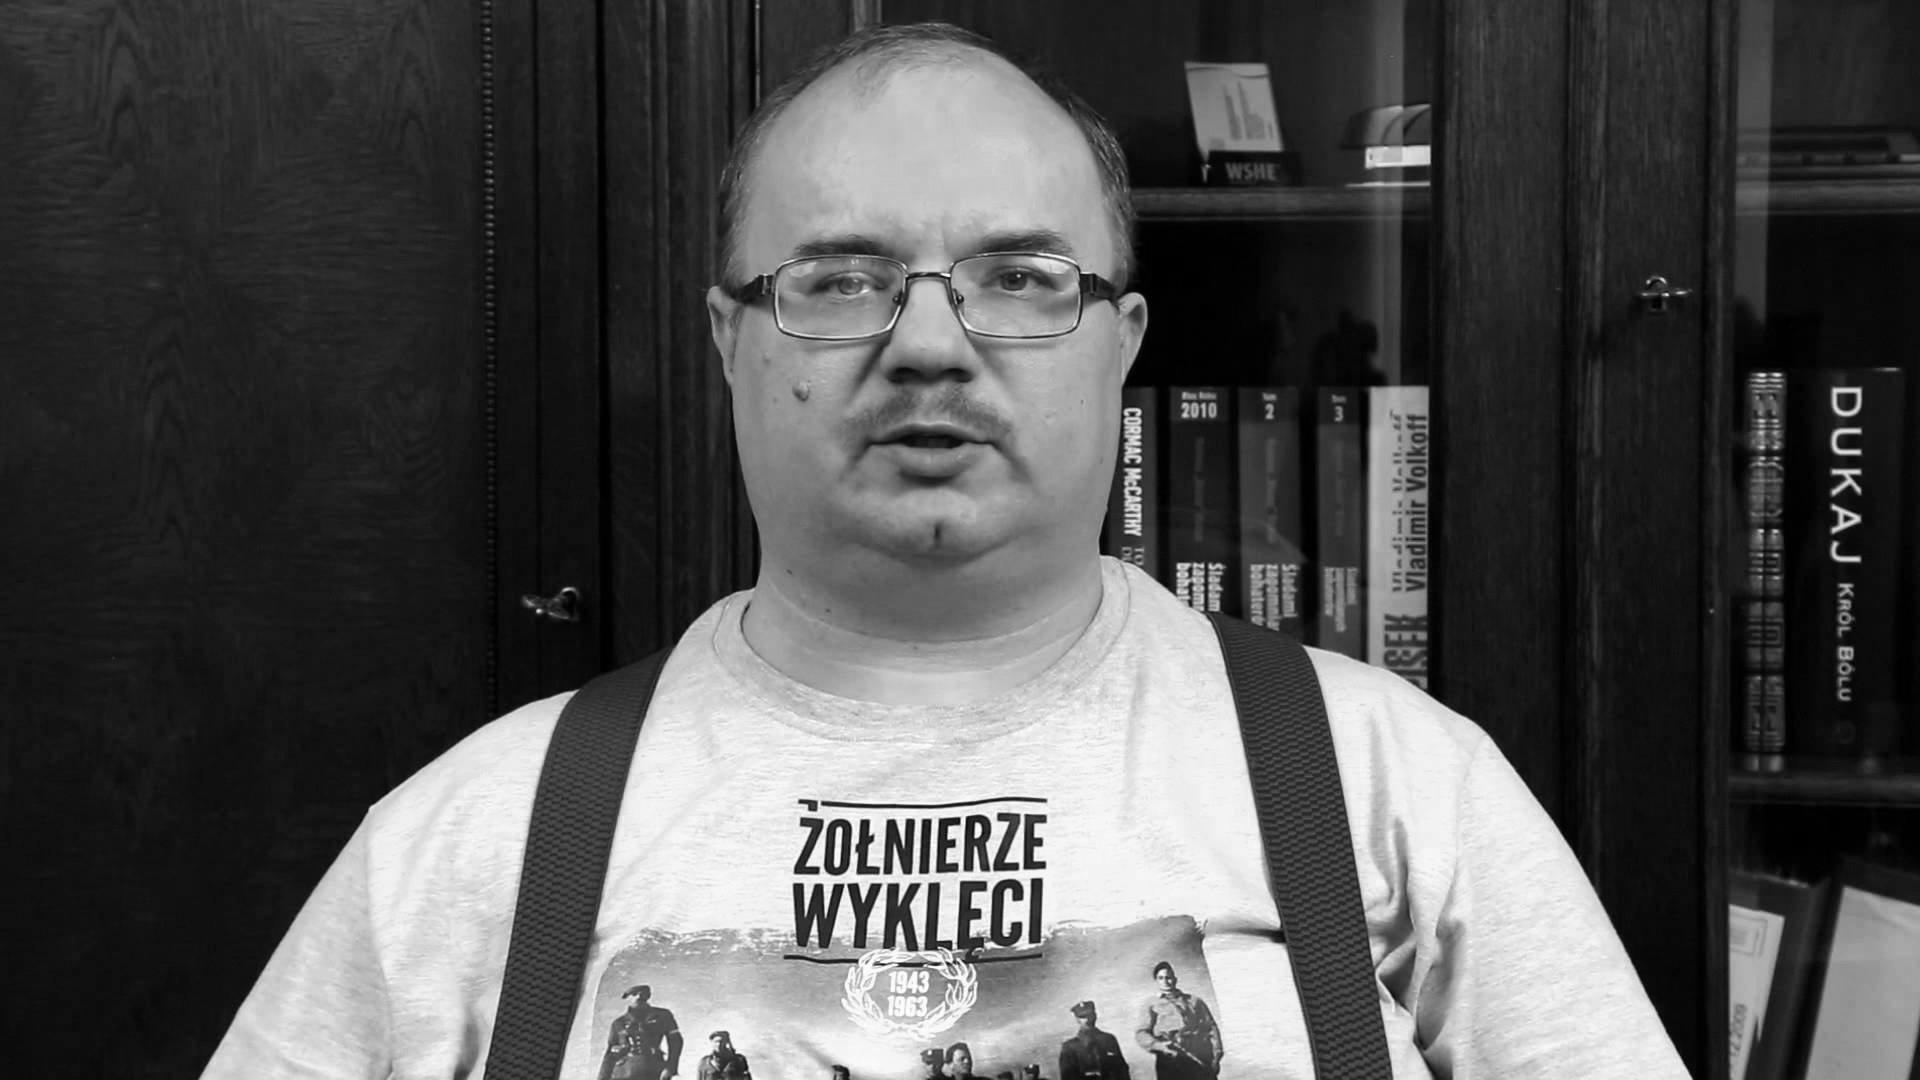 Wyborcy zdruzgotani. SZOKUJĄCE oświadczenie prokuratury ws. śmierci Wójcikowskiego